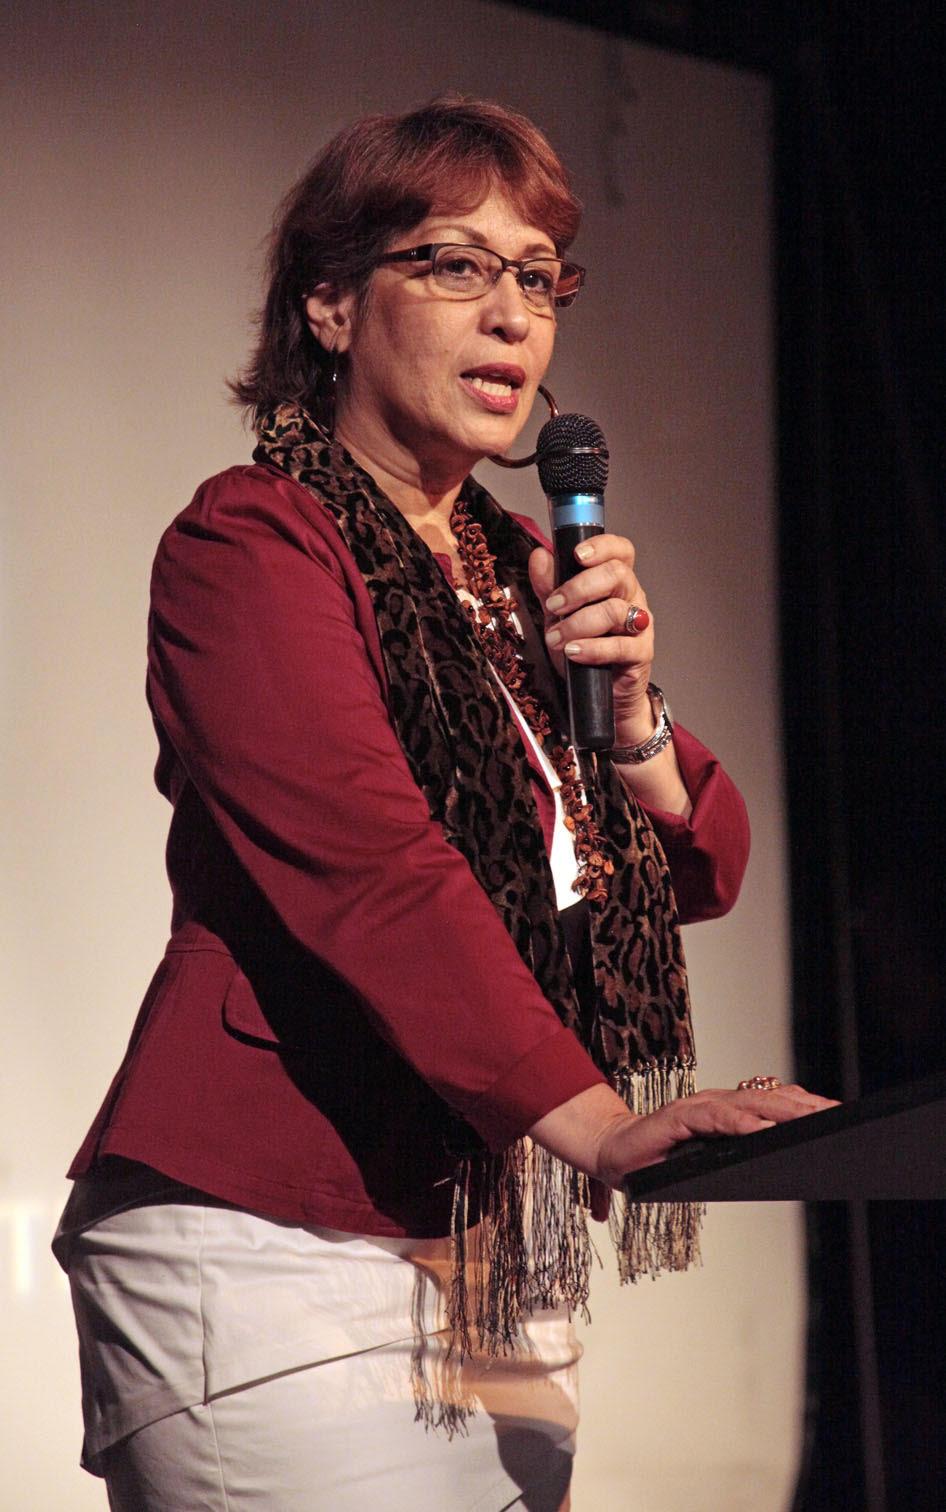 Jennie Rodriguez